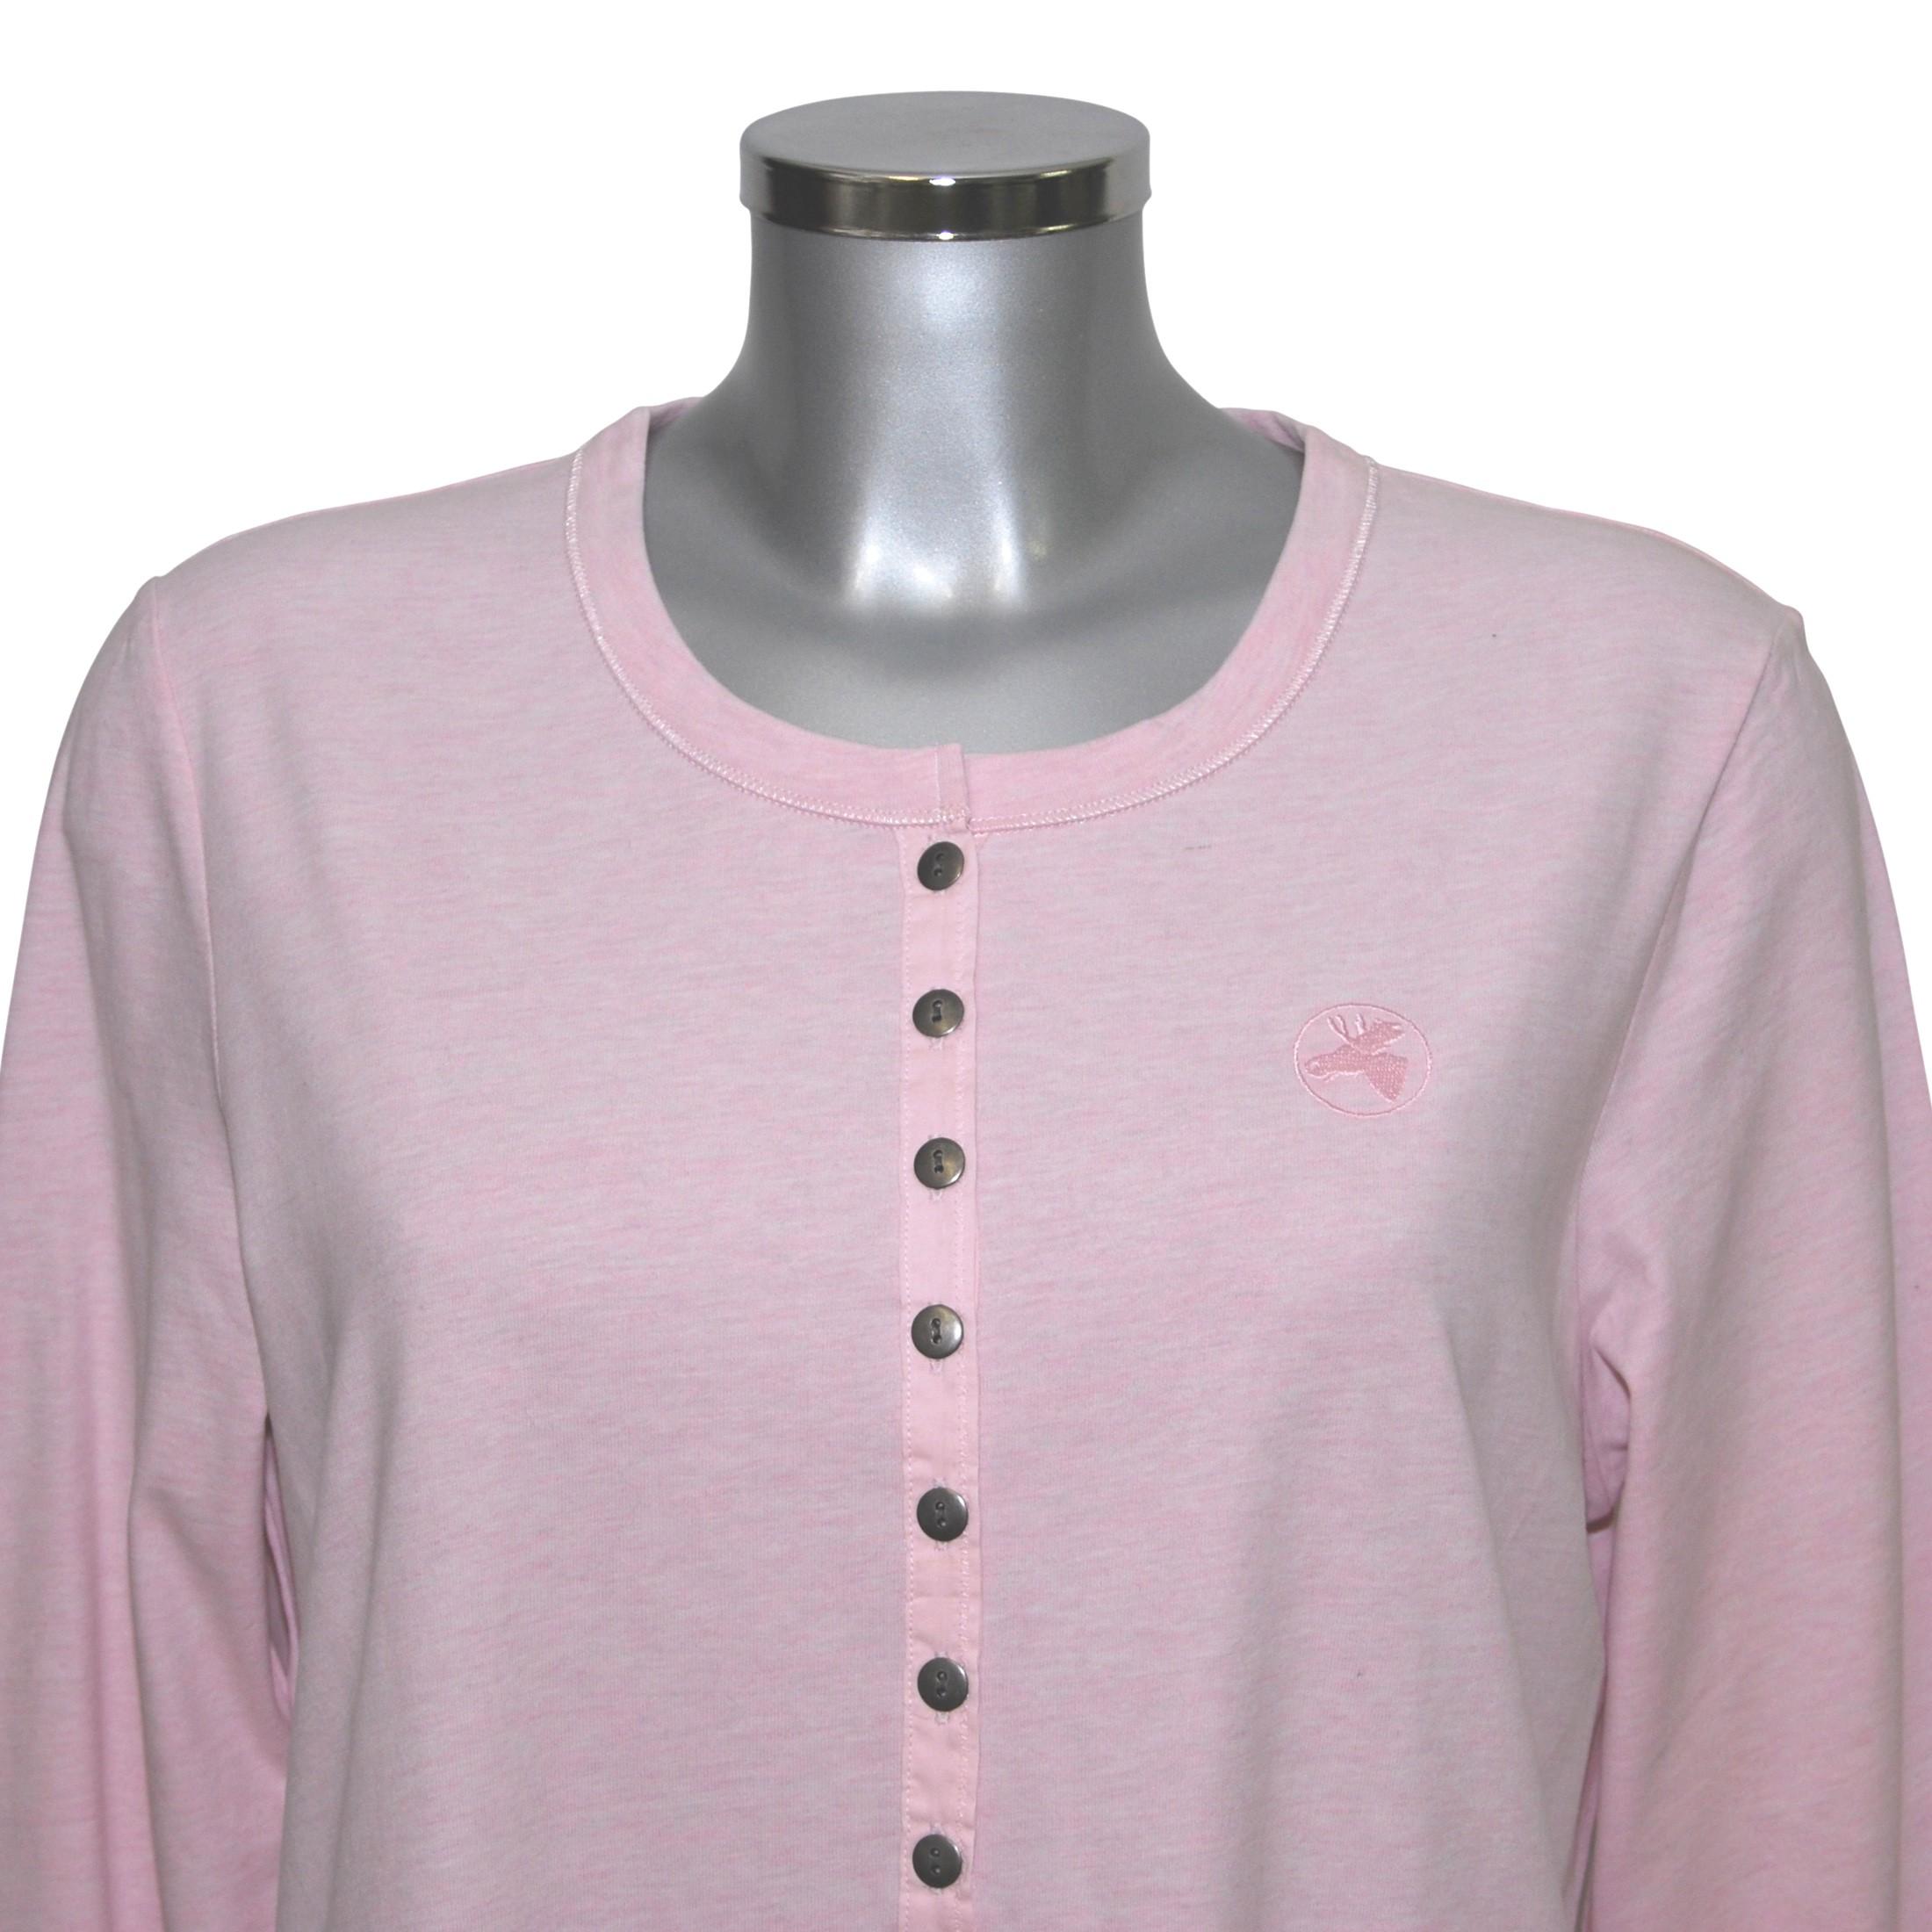 MelanieM Damen Longshirt Schlafhemd Nachthemd lang Knopfleiste Taschen  Jersey gebürstet – Bild 2 e007e57d8d